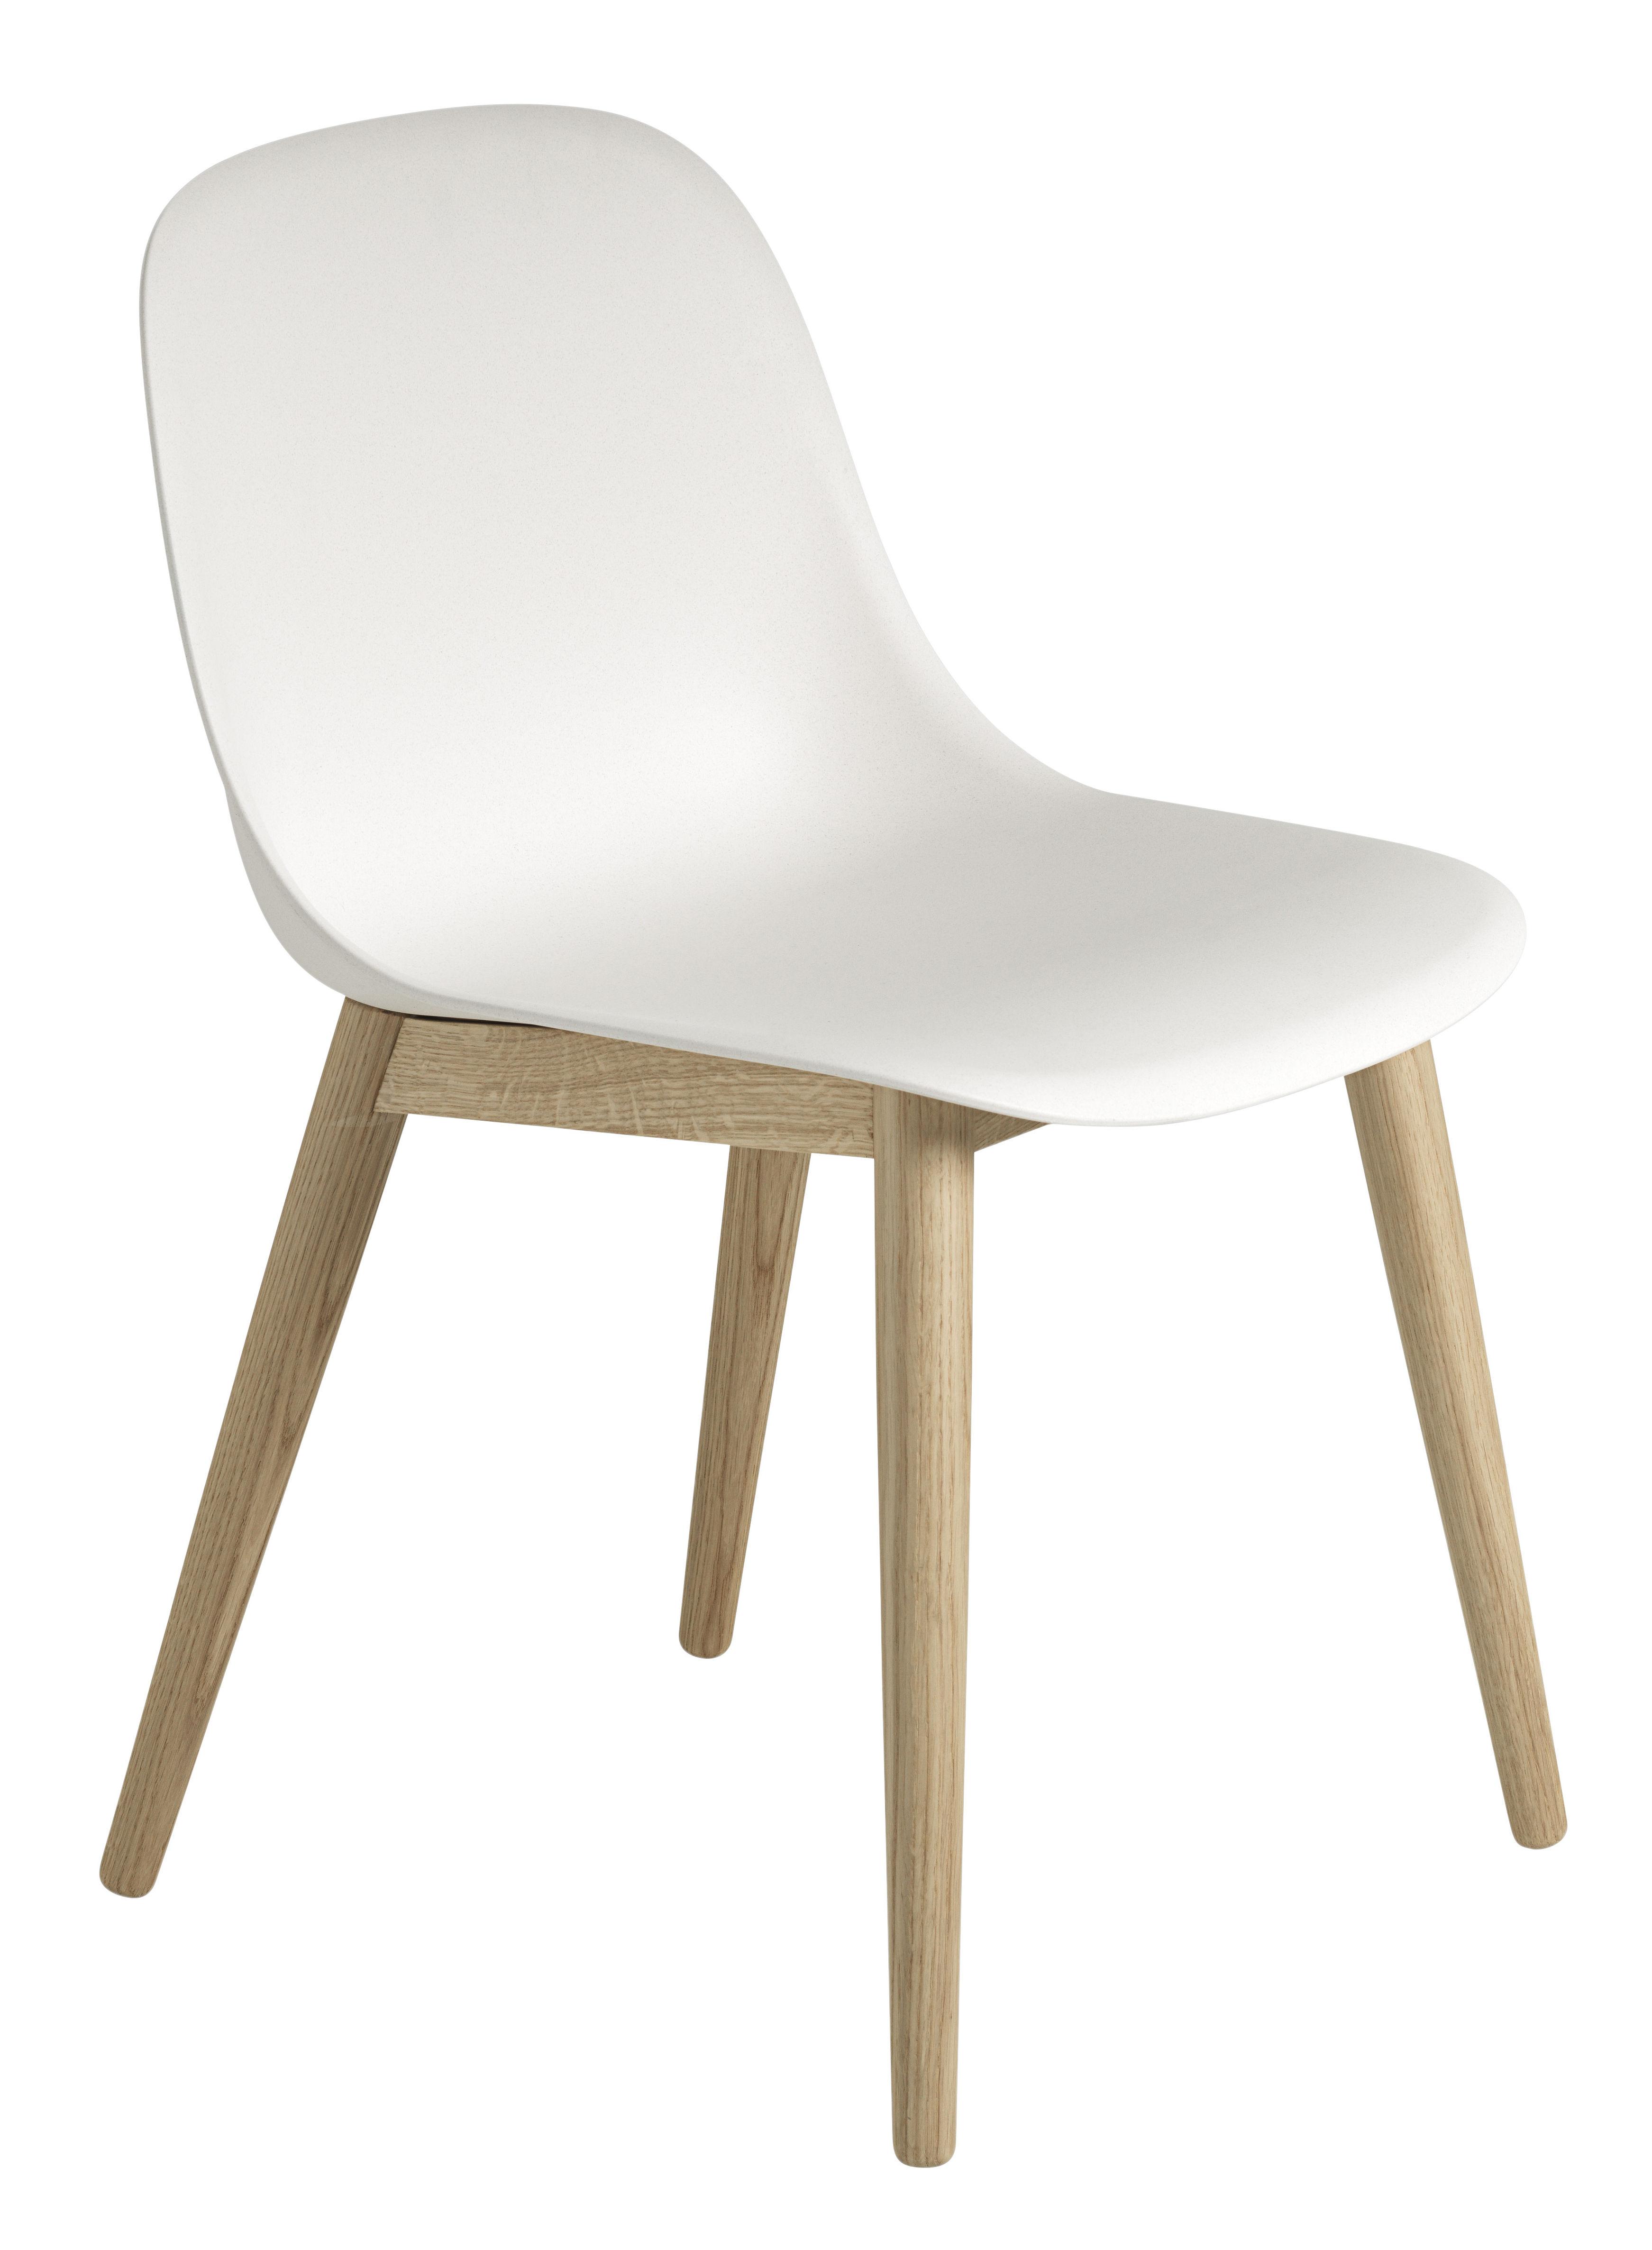 Möbel - Stühle  - Fiber Stuhl / 4 Stuhlbeine aus Holz - Muuto - Weiß / Stuhlbeine holzfarben - Eiche, Fibre de bois, Polypropylen